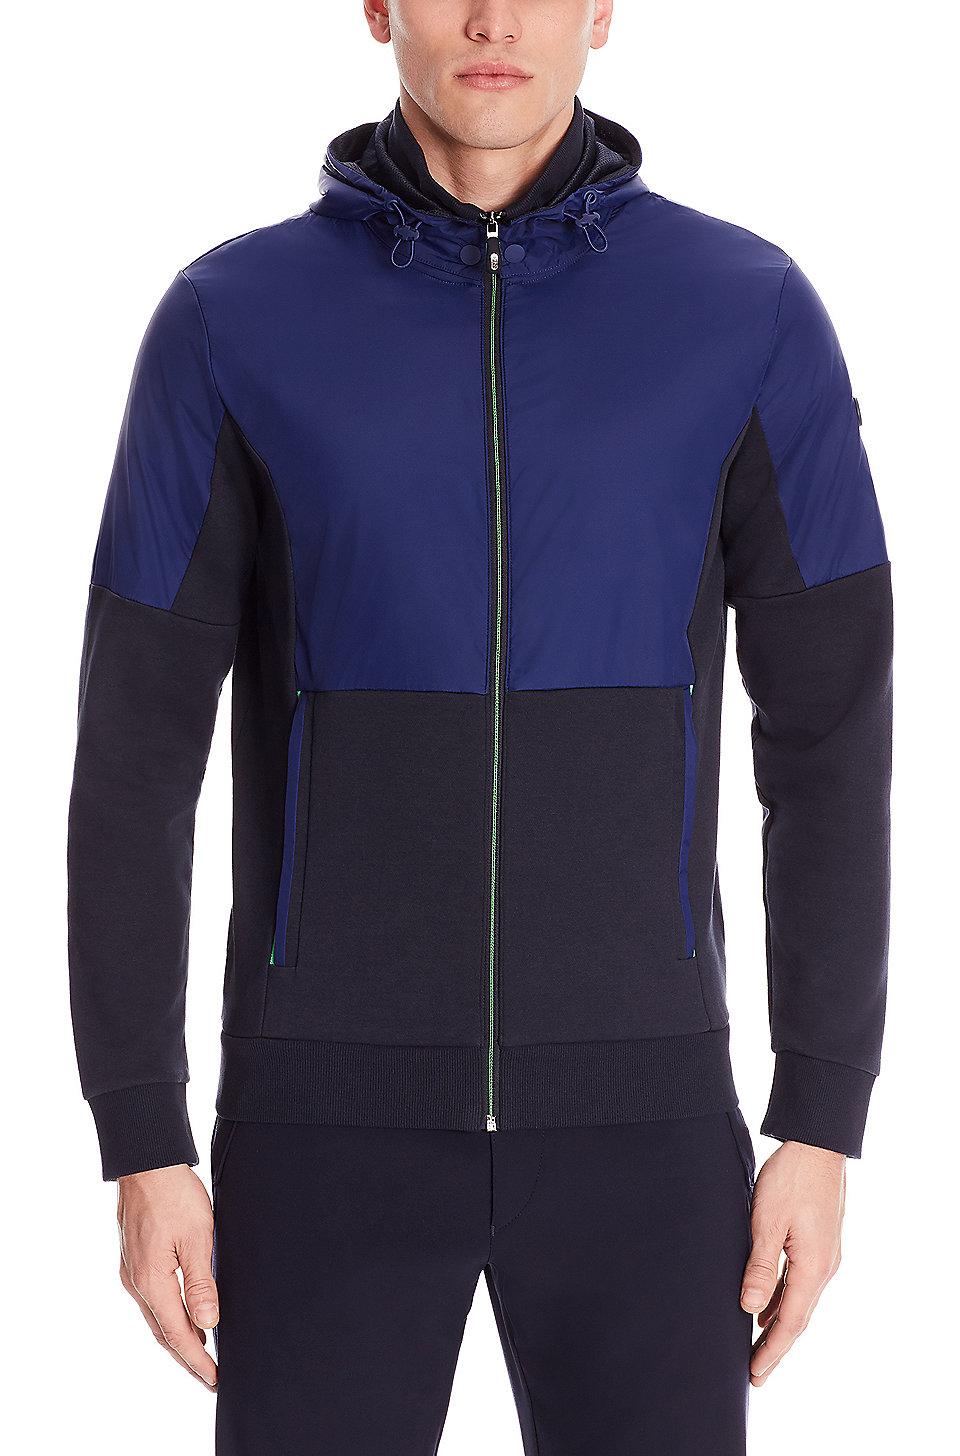 HUGO BOSS® Men's Jackets and Coats   Free Shipping